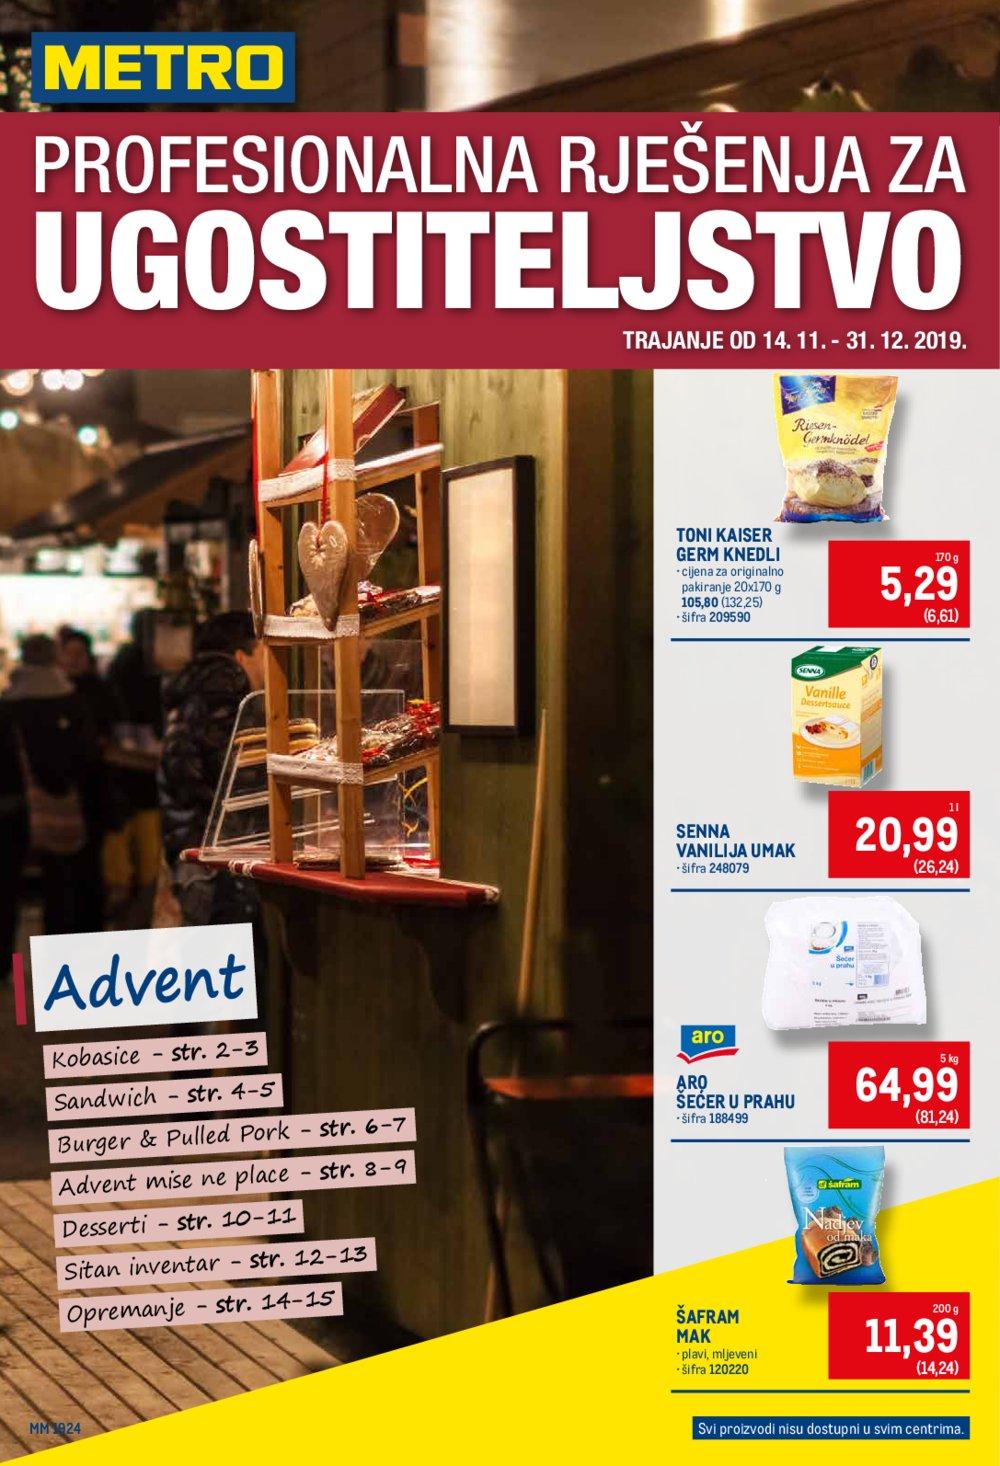 Metro katalog Profesionalna ponuda za ugositetelje 14.11-31.12.2019.